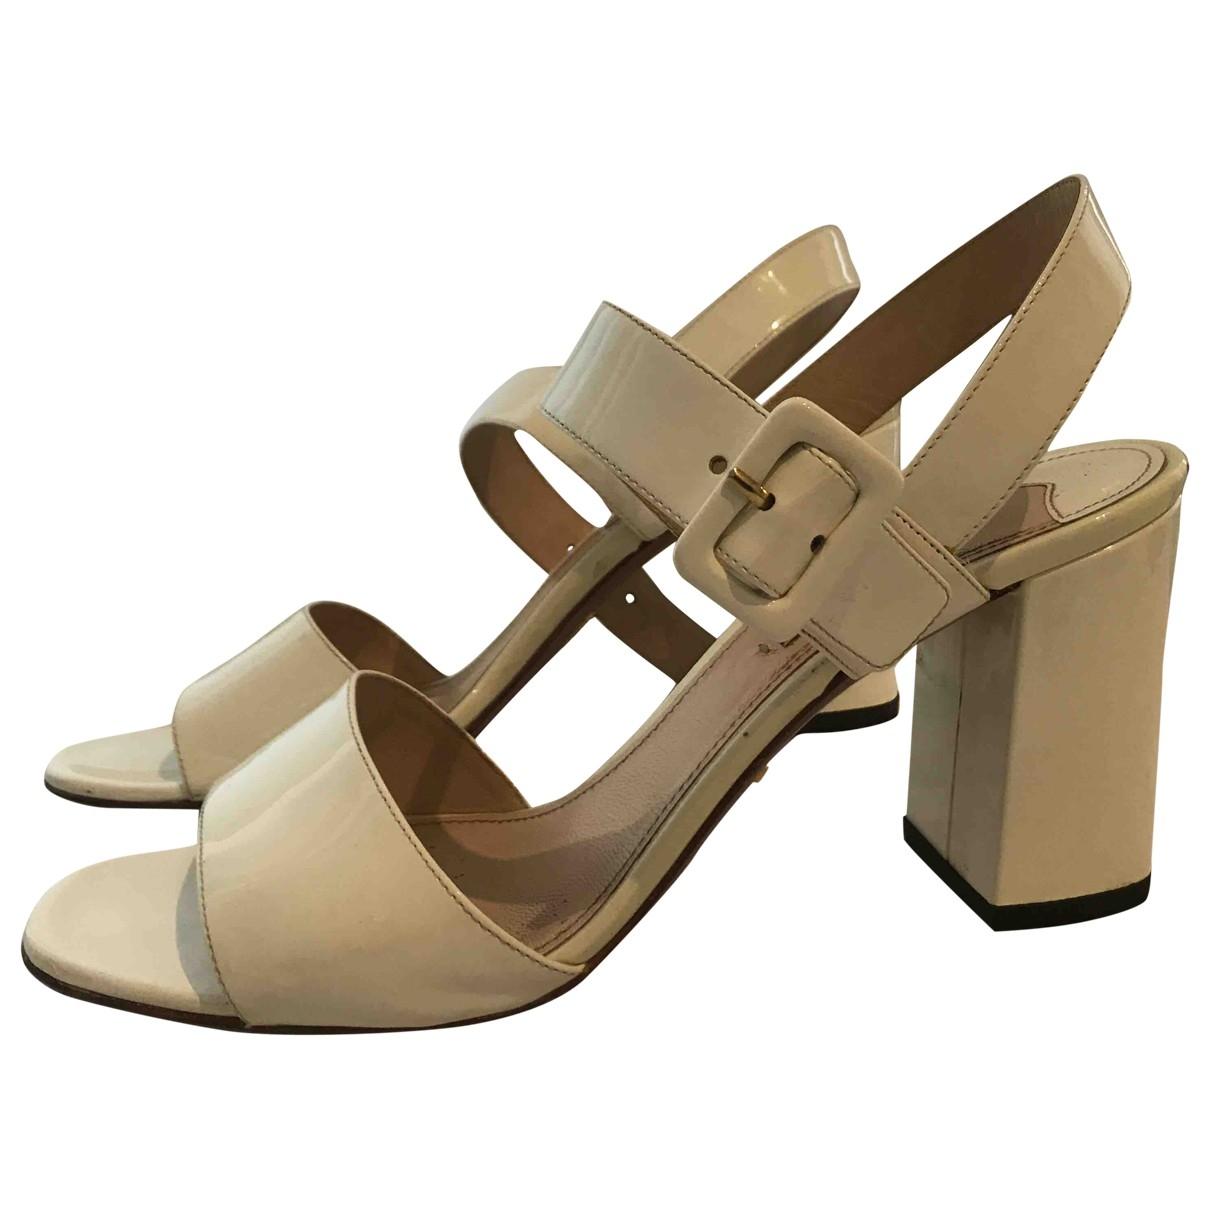 Prada - Sandales   pour femme en cuir verni - blanc